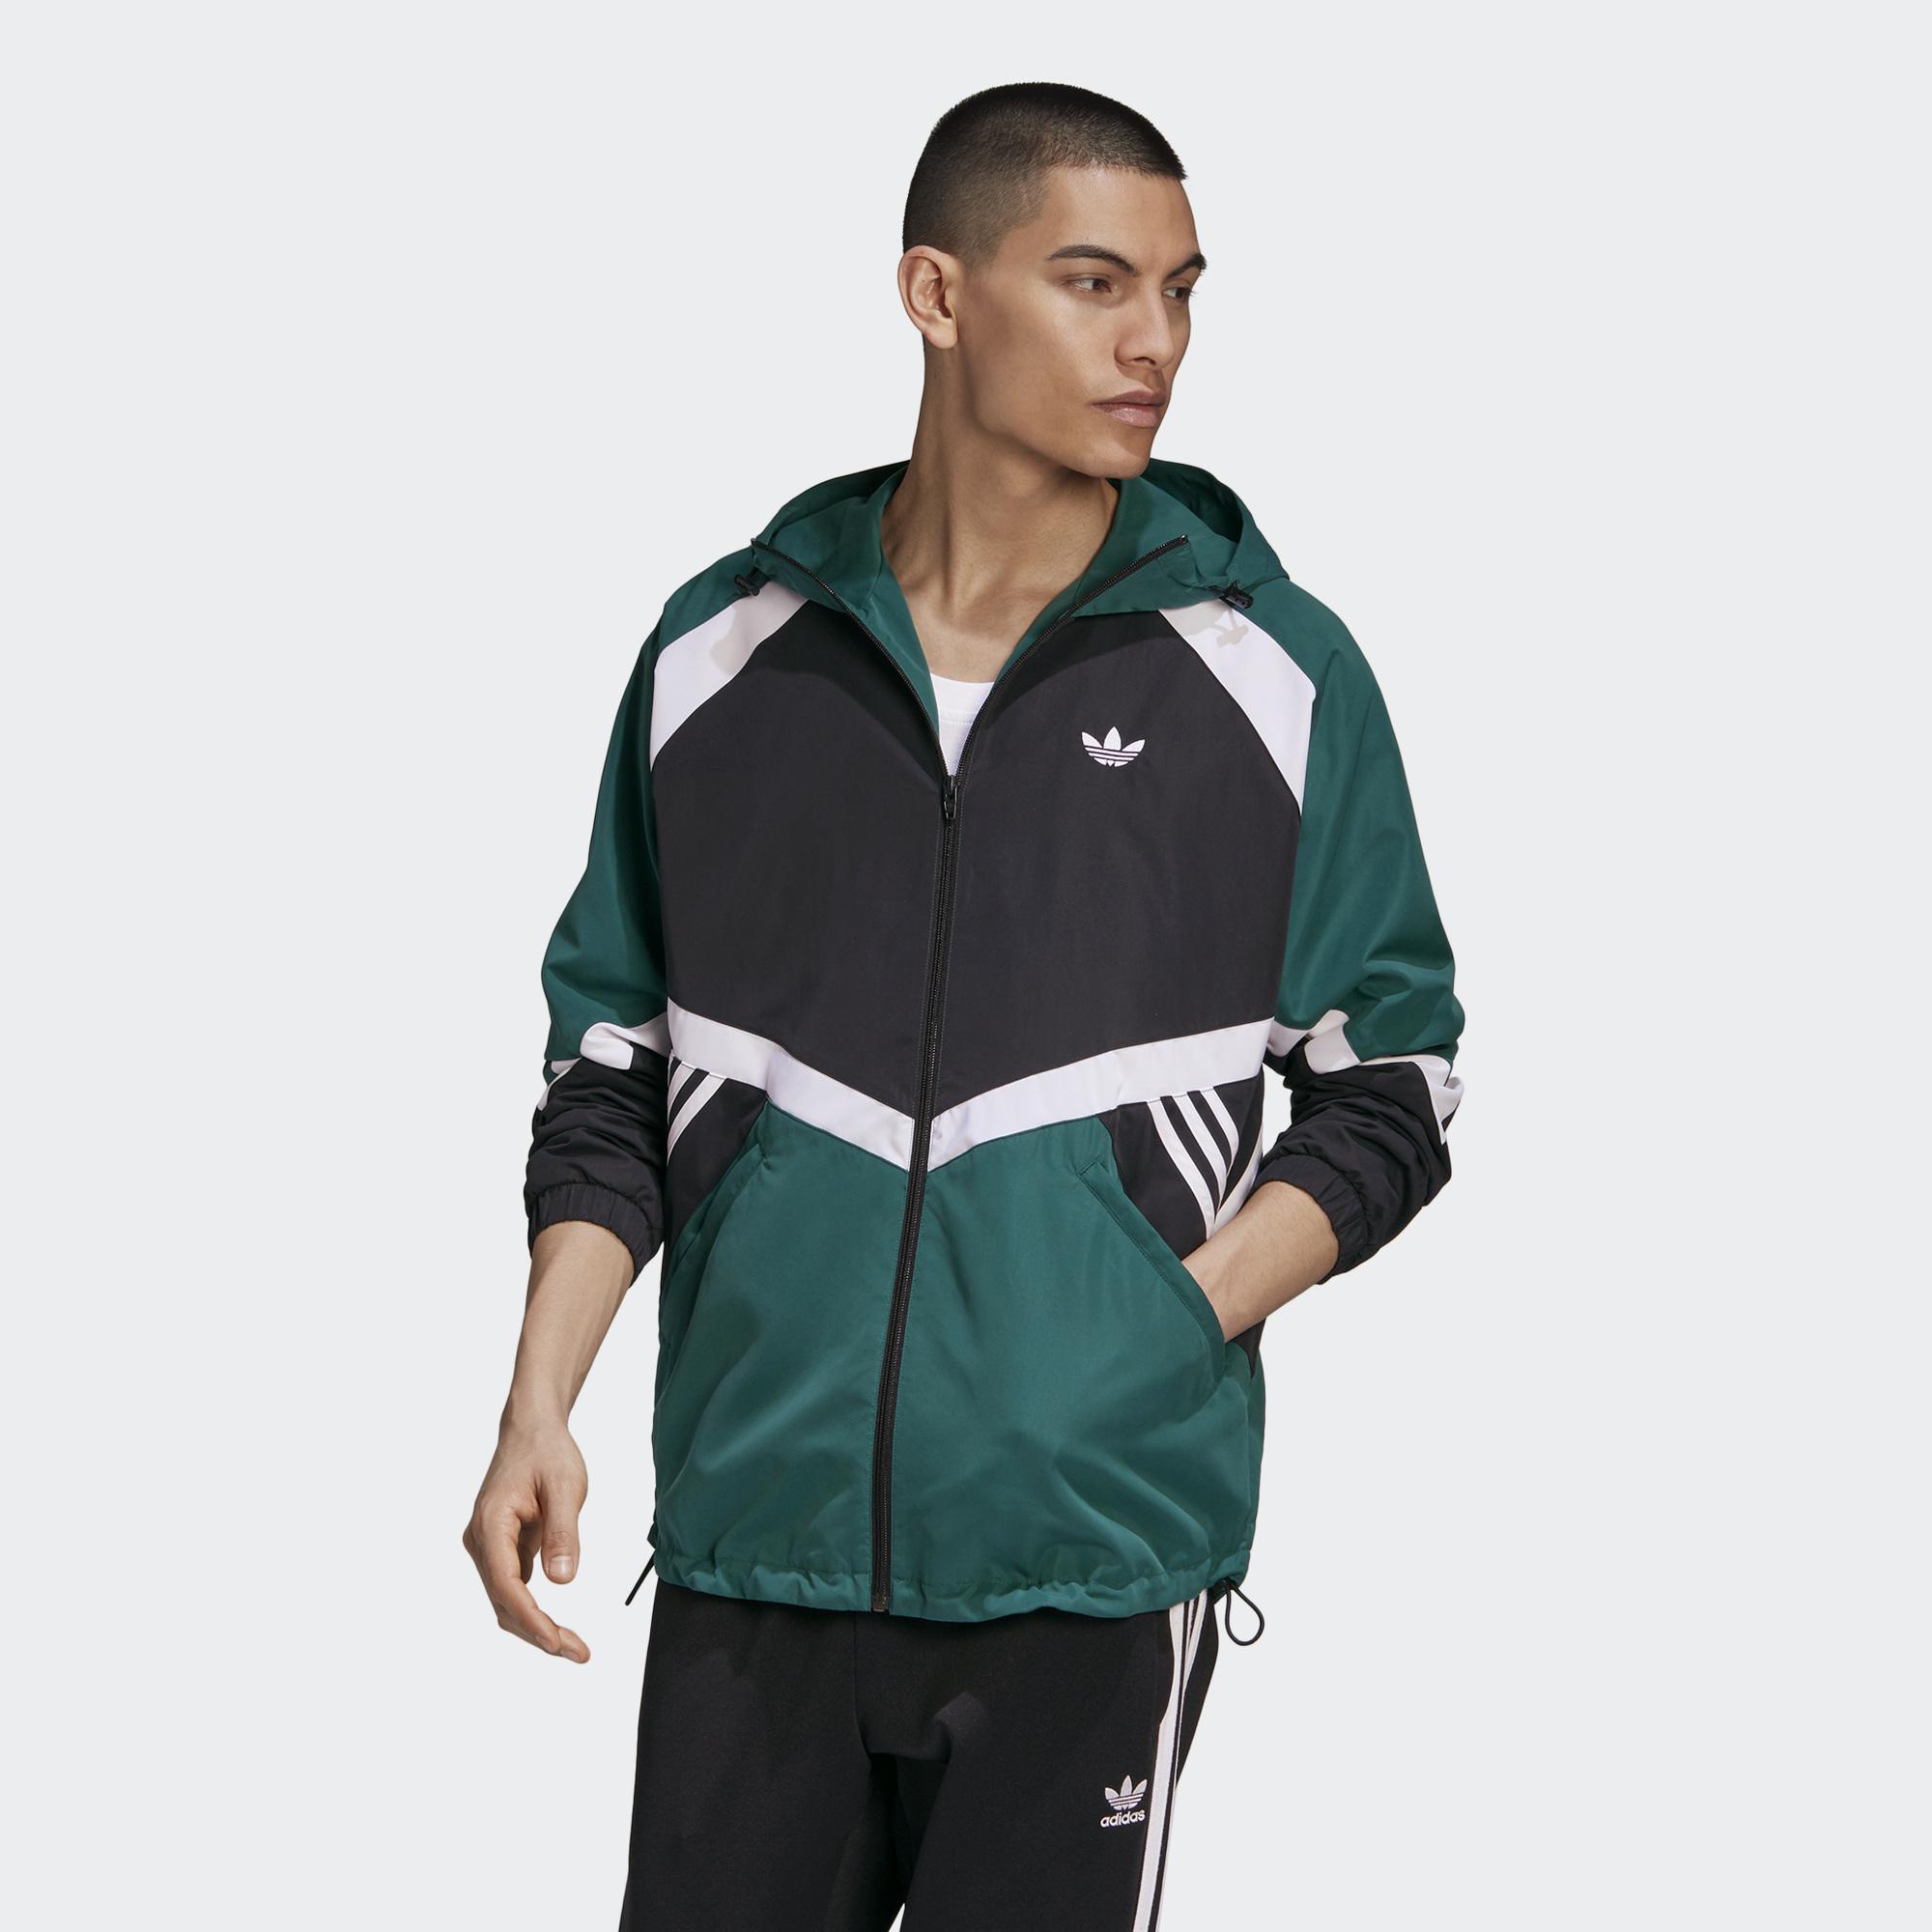 Adidas ORIGINALS SPRT 男裝 外套 連帽 風衣 三葉草 可調式下襬 撞色 黑綠【運動世界】GJ6736